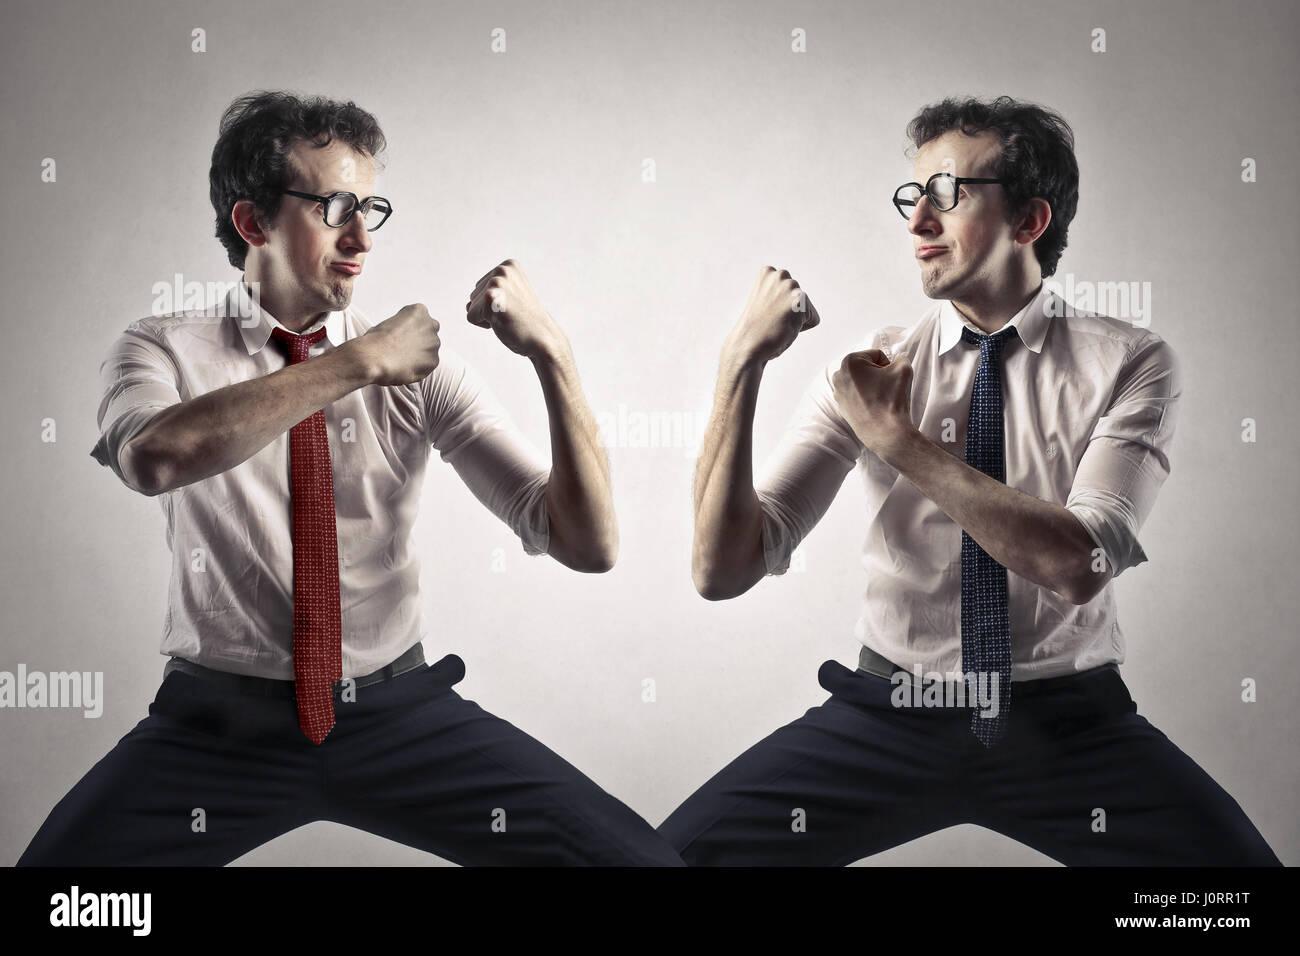 el-empresario-lucha-consigo-mismo-j0rr1t